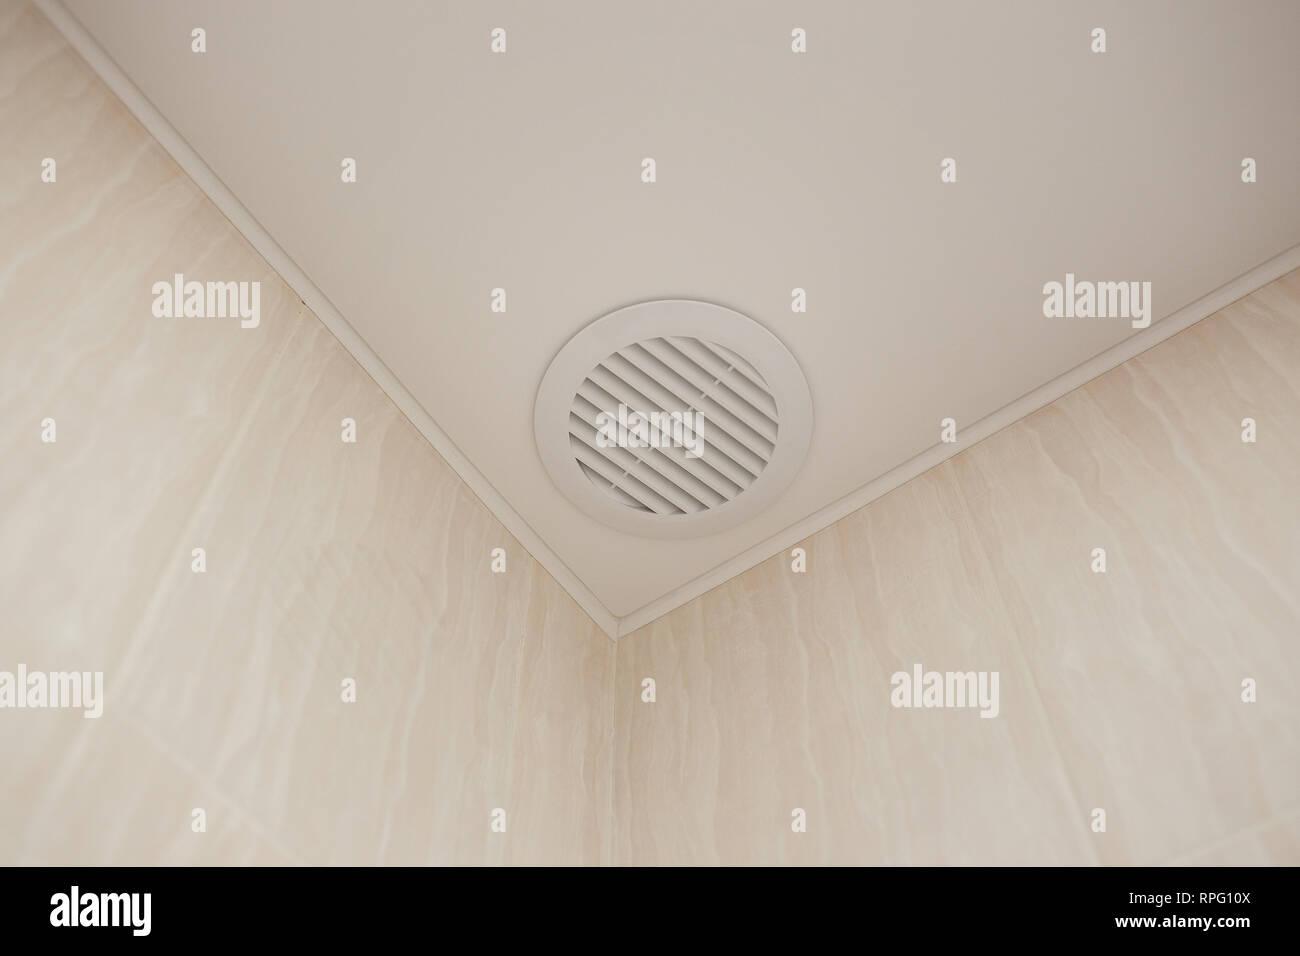 Ventilation Im Badezimmer Stockfotos und  bilder Kaufen   Alamy